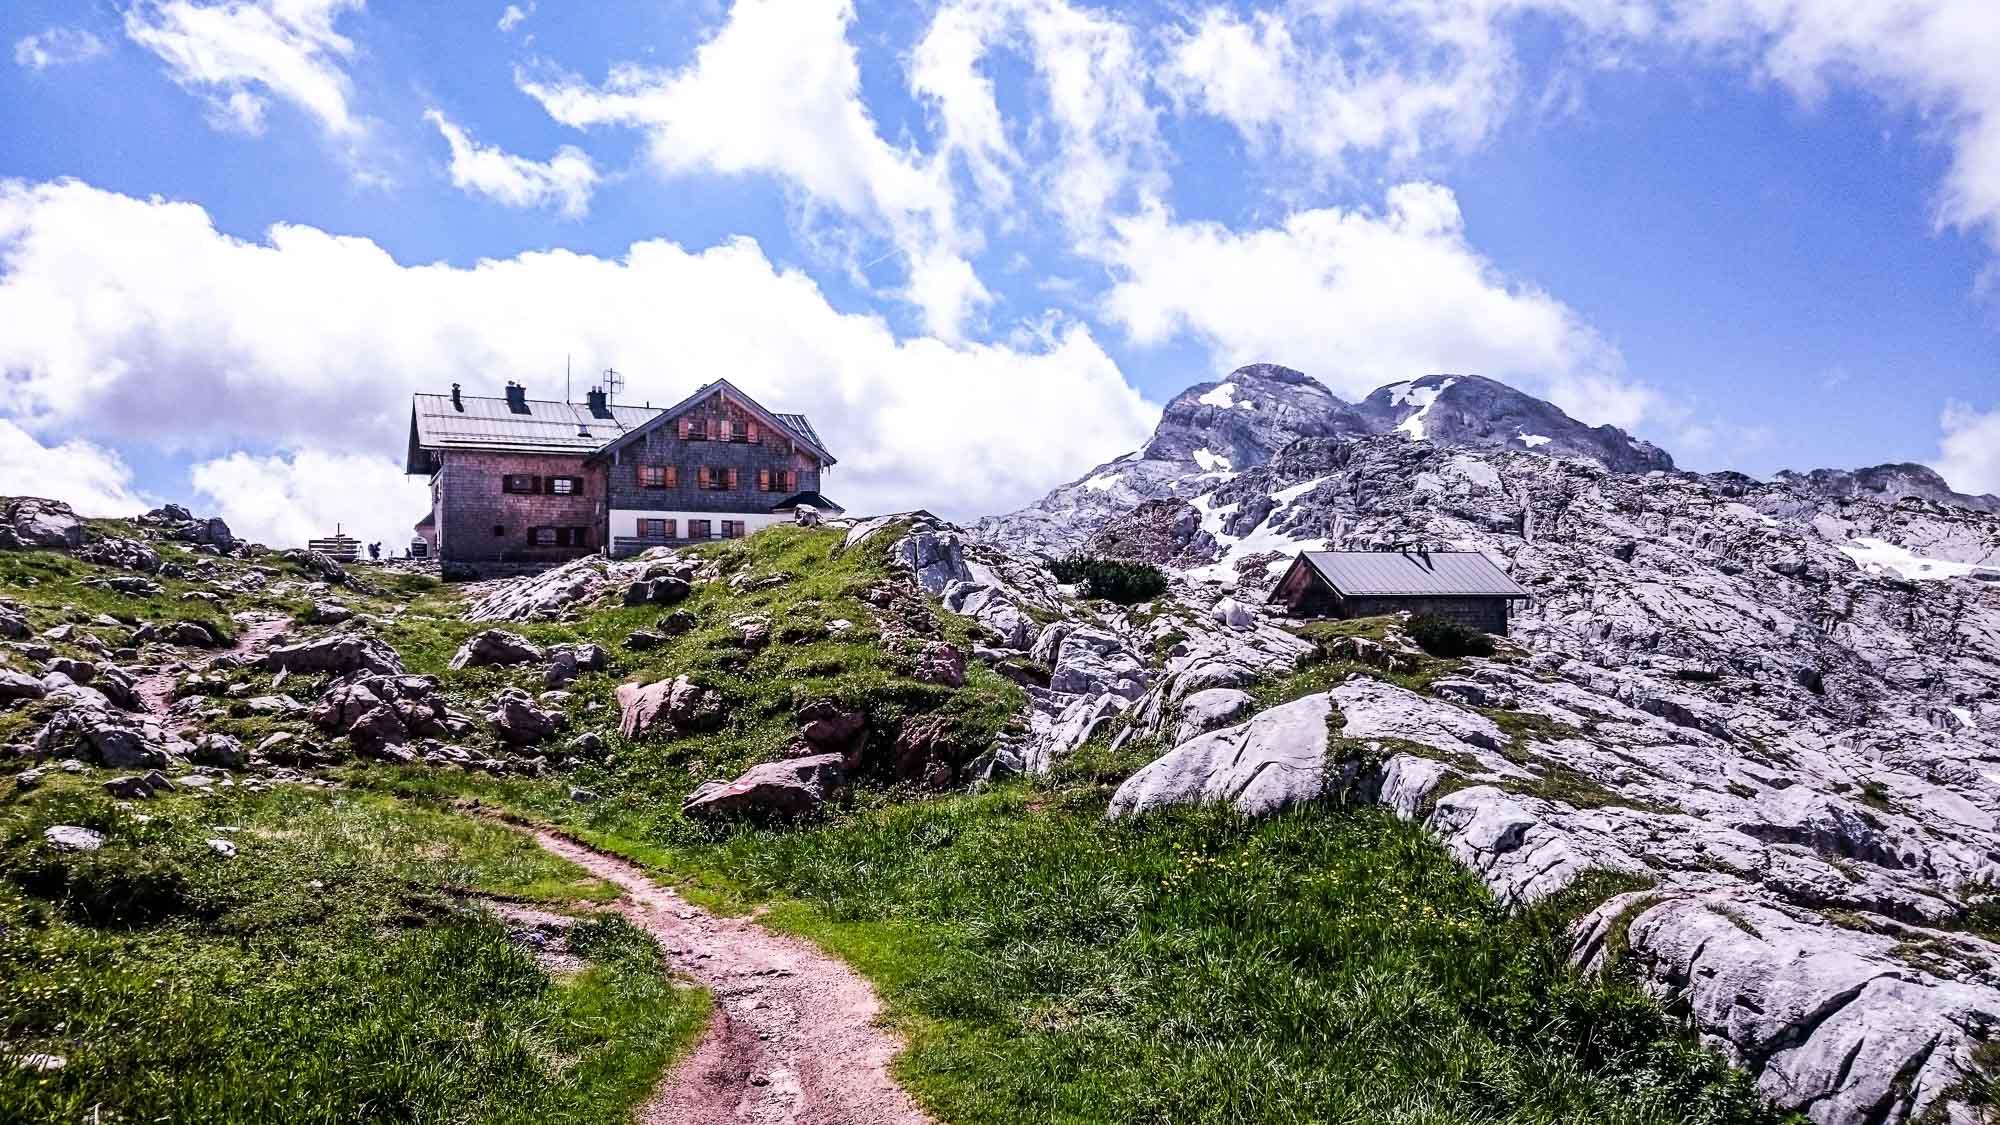 Bergtour auf den großen und kleinen Hundstod